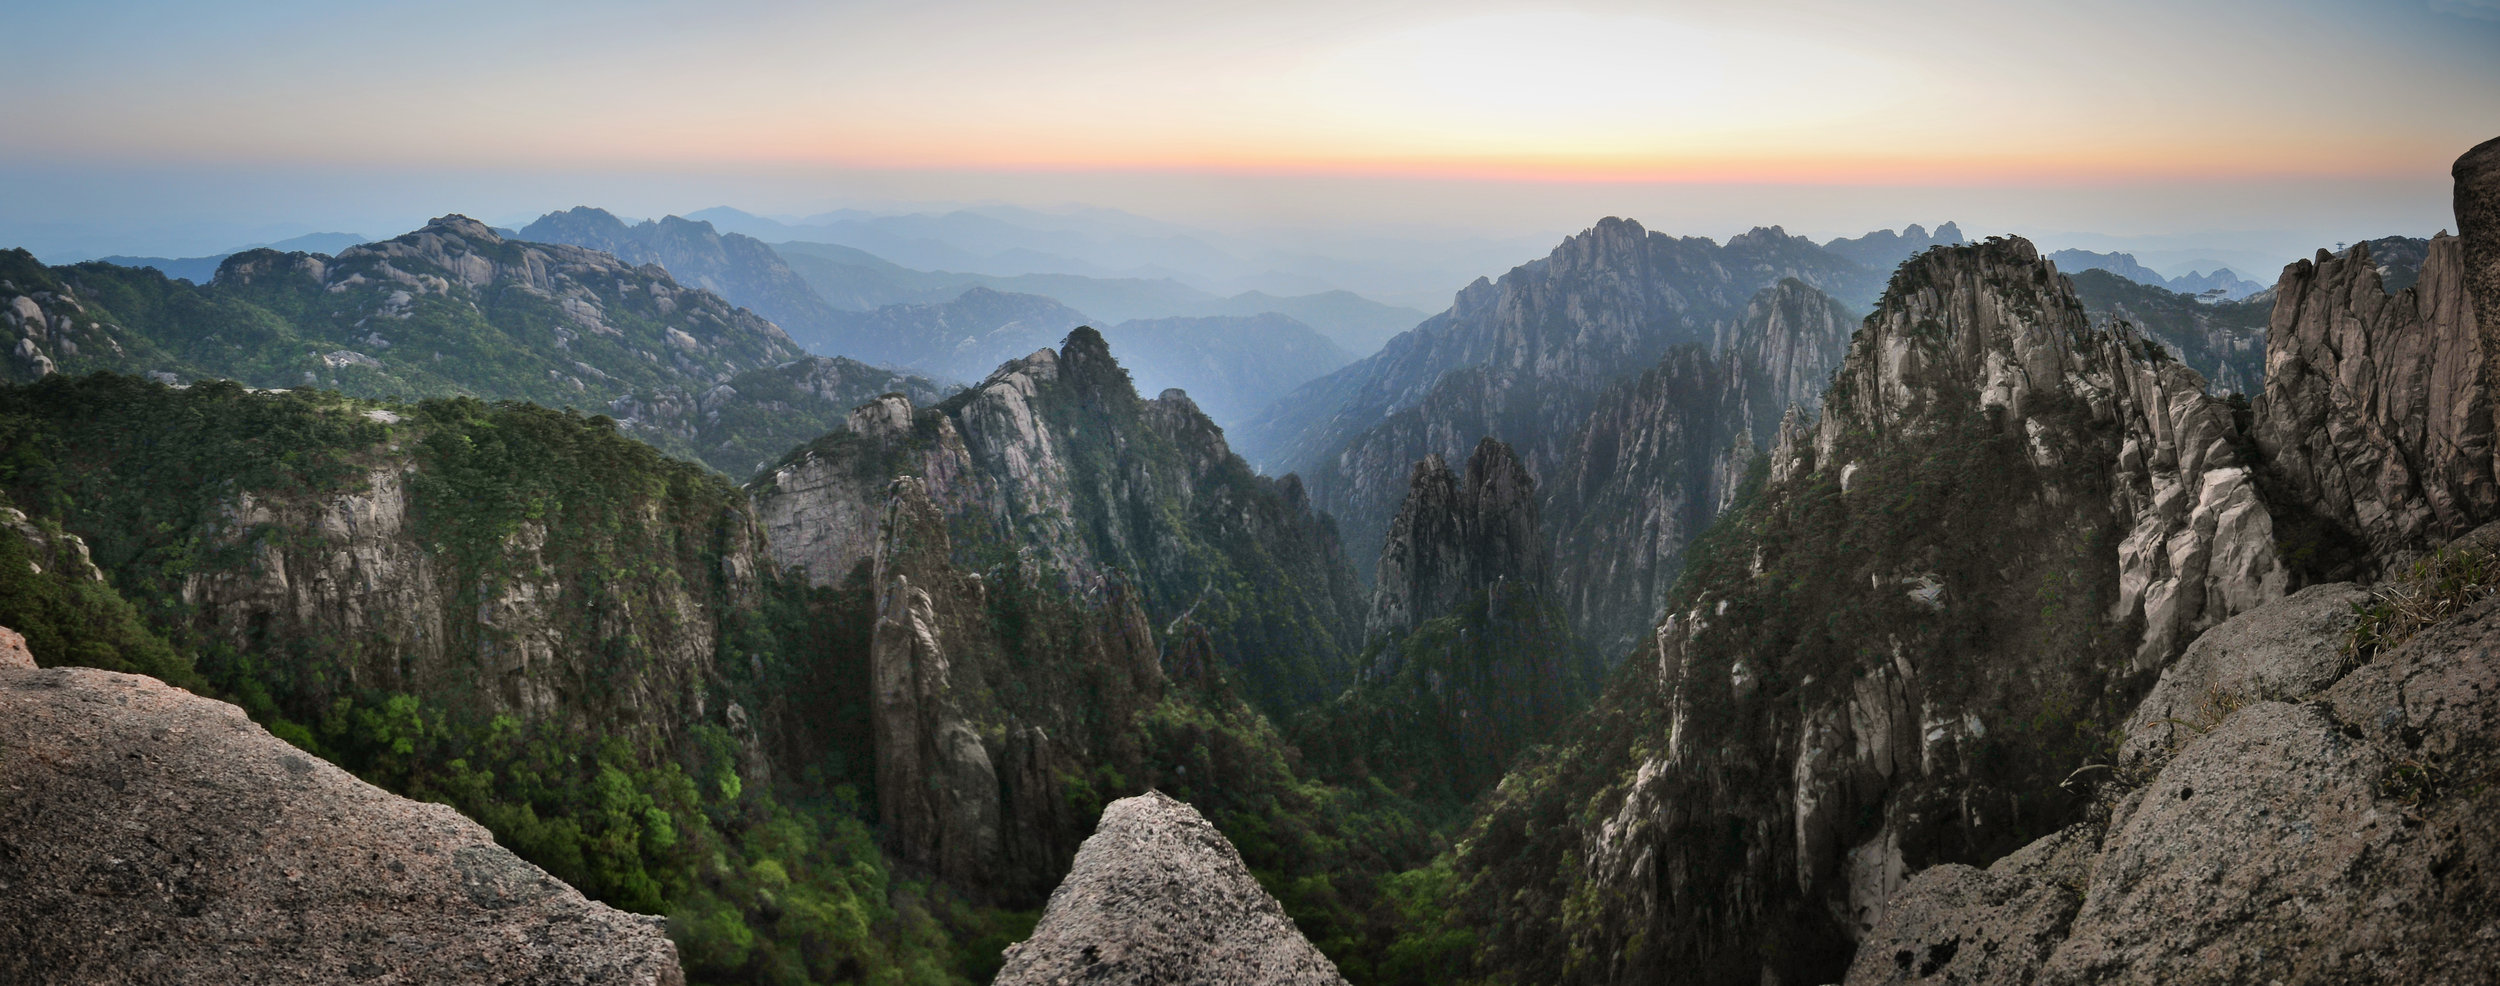 Huangshan mountains.jpg